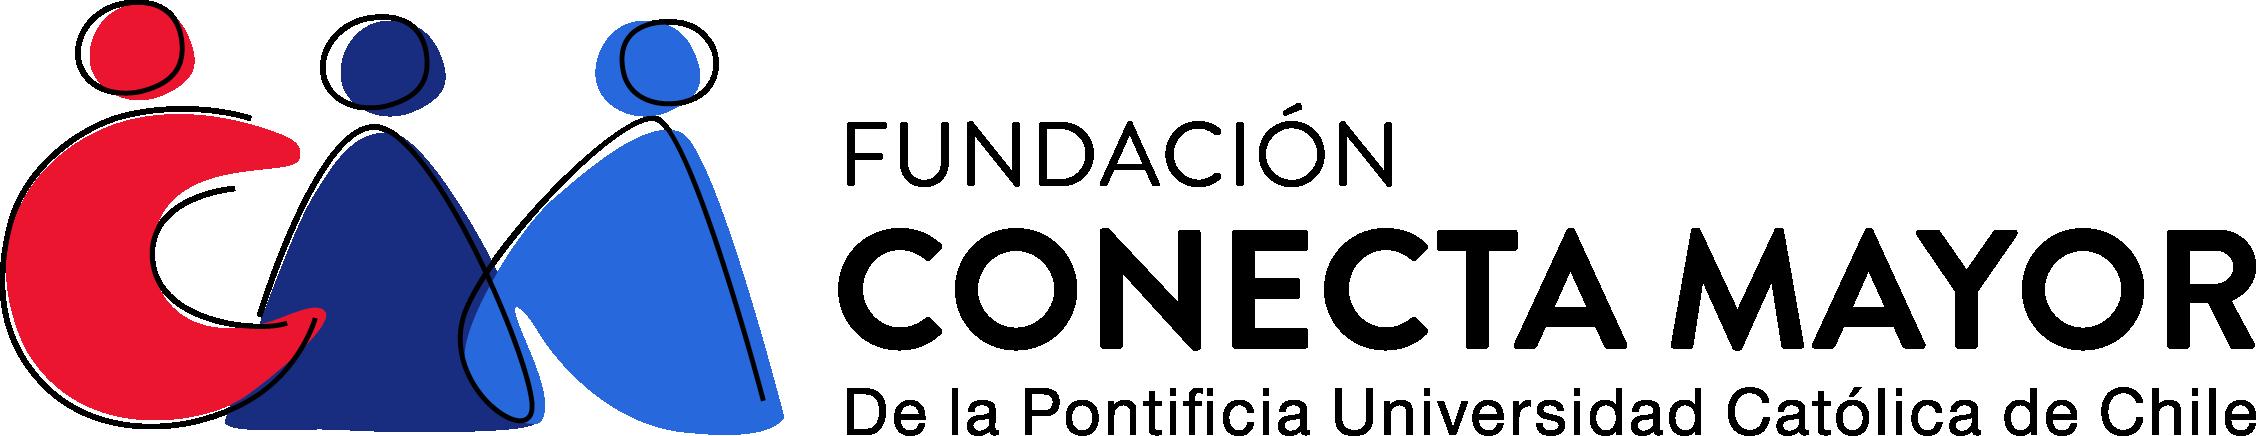 Fundación Conecta Mayor